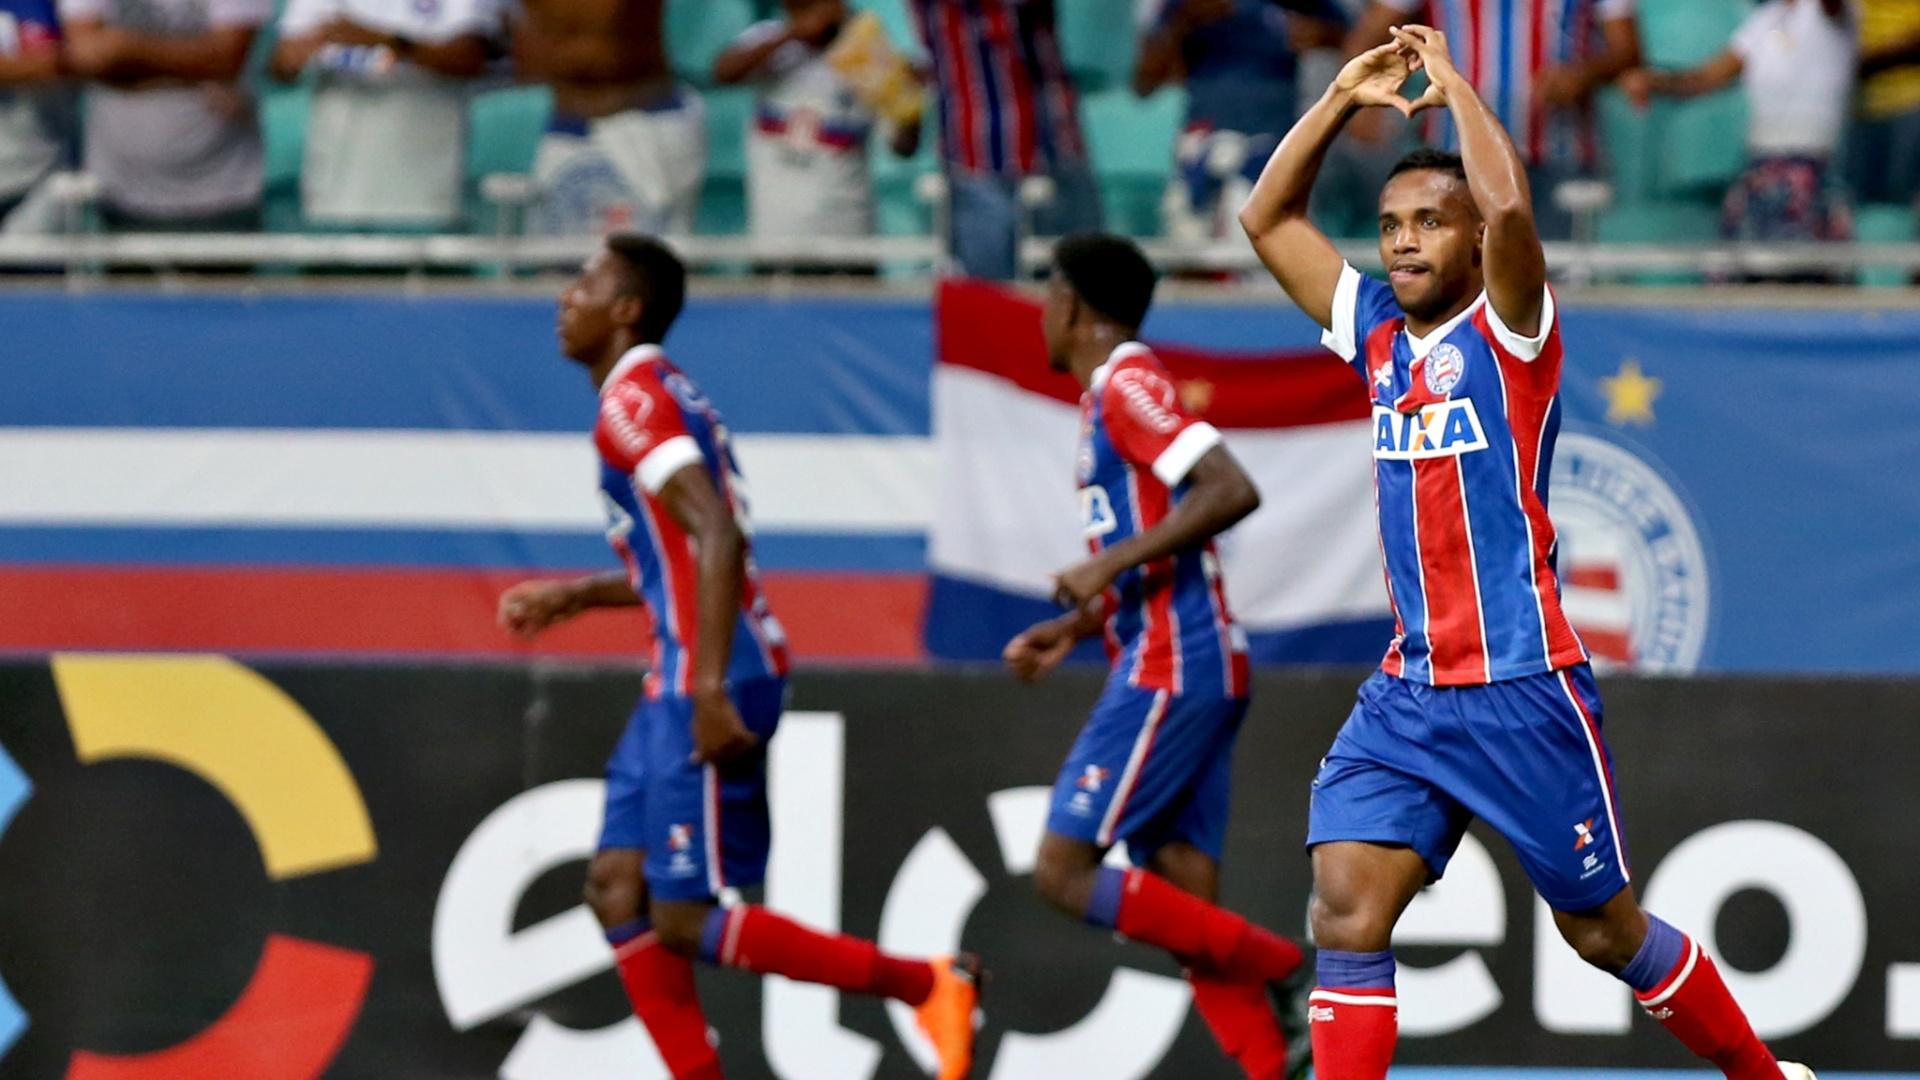 Elbér fez o gol da vitória do Bahia contra a Chapecoense